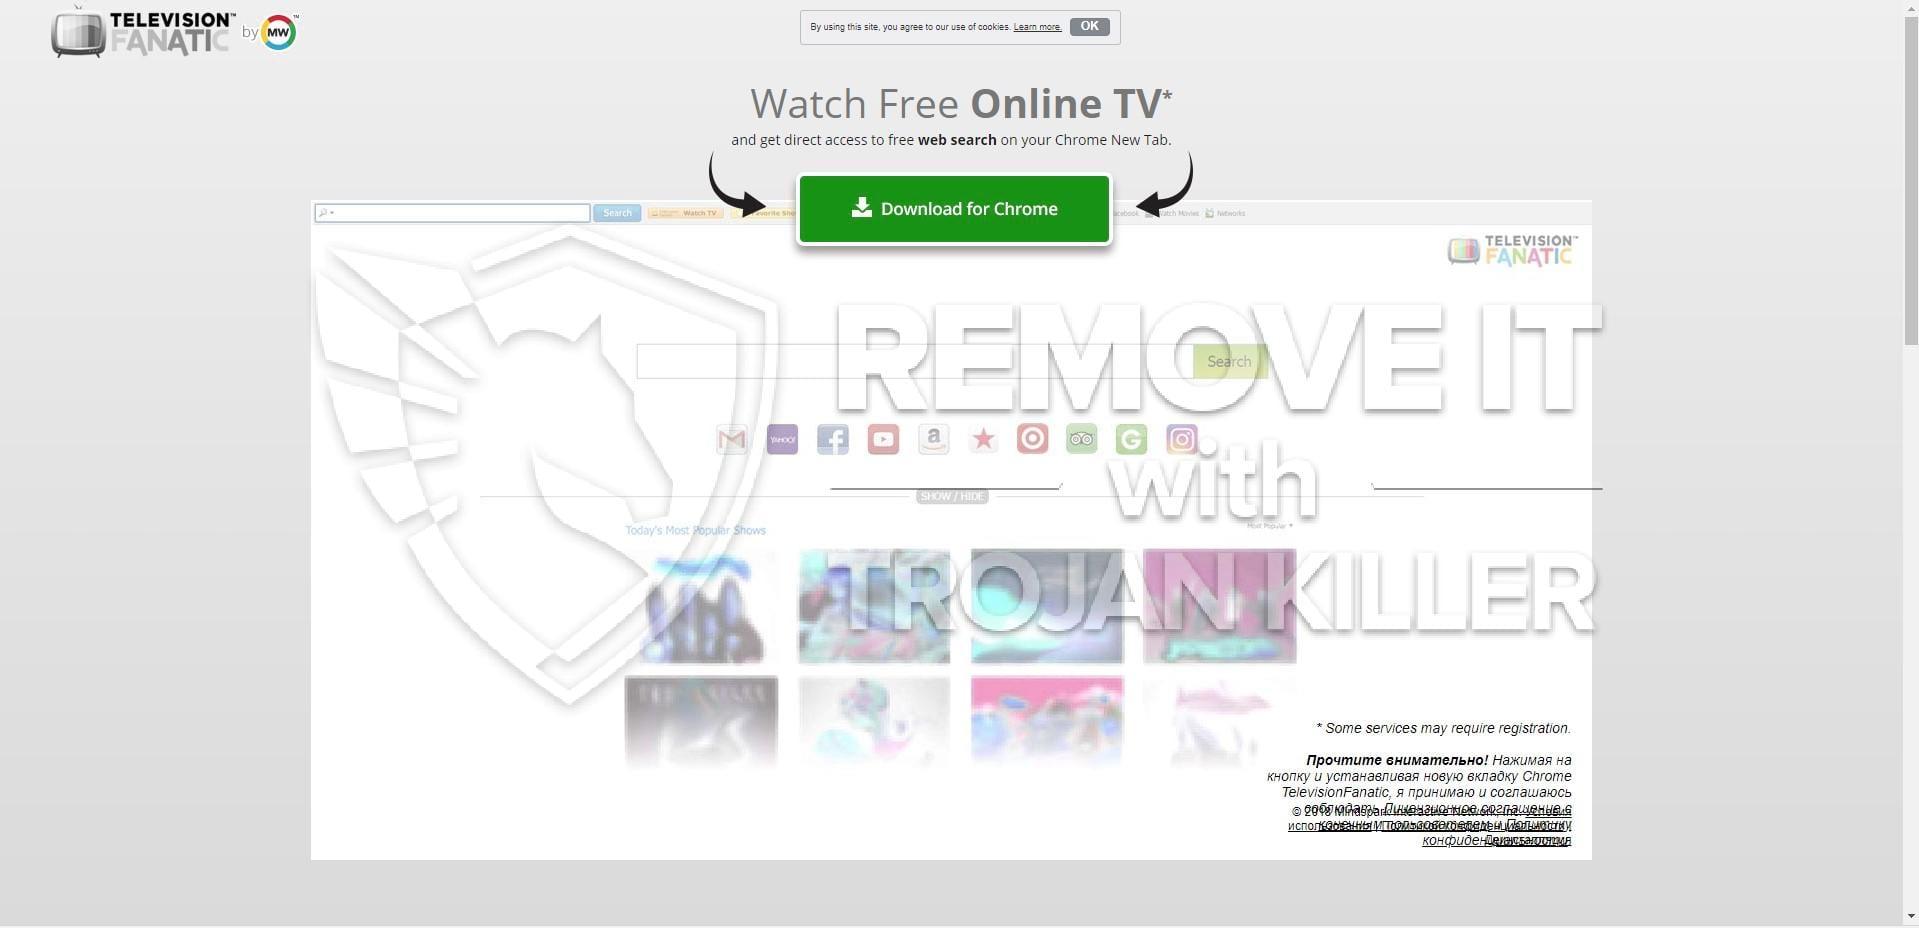 televisionfanatic.com virus